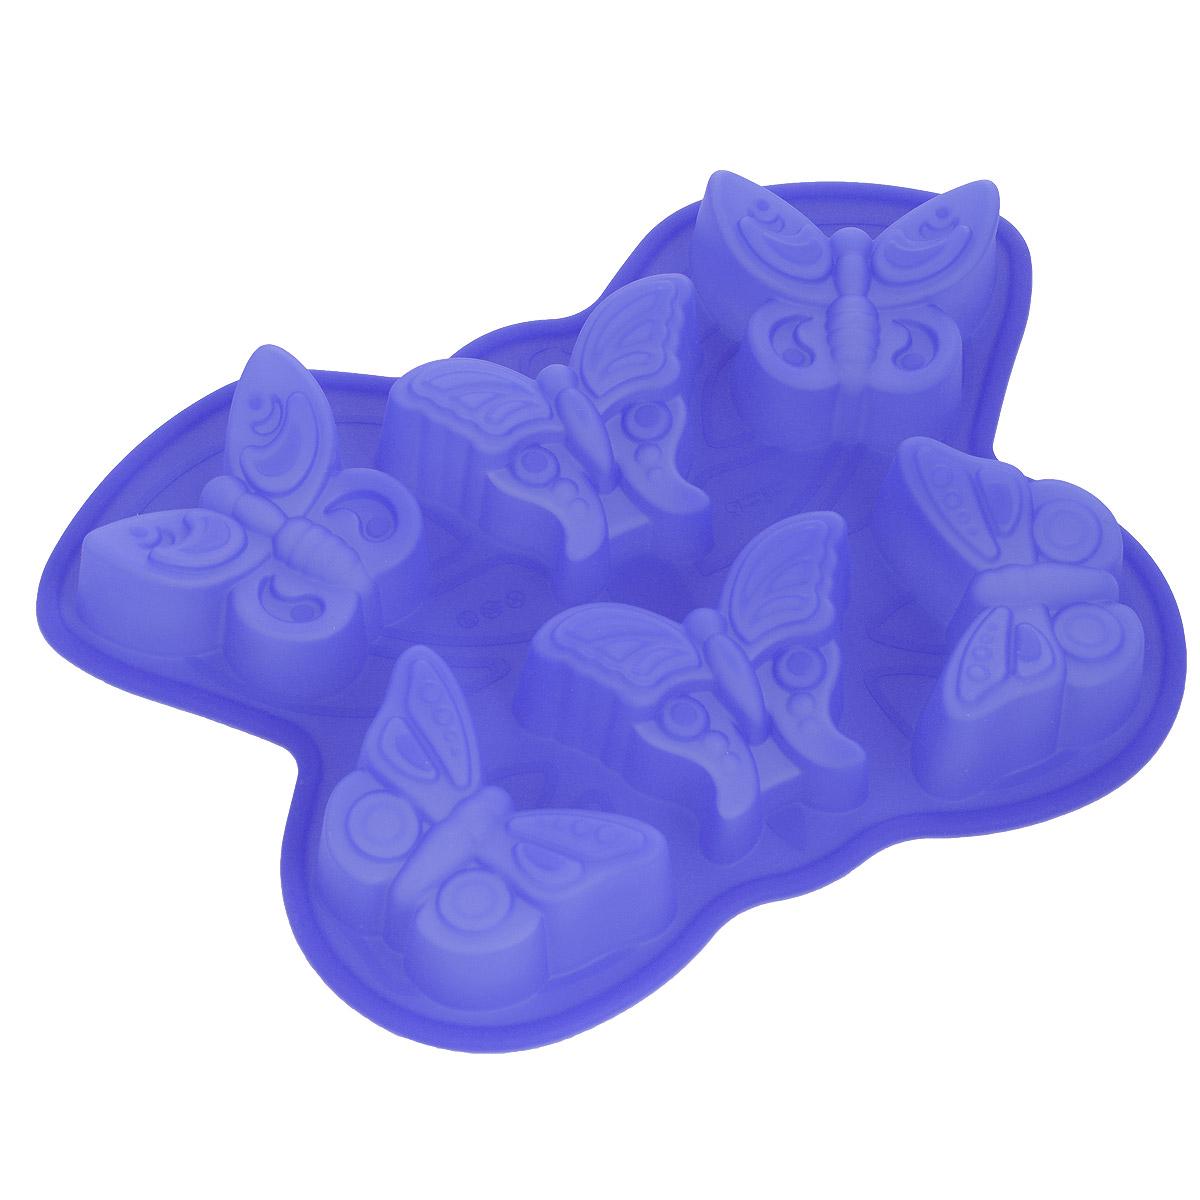 Форма для выпечки Bekker Бабочки, силиконовая, цвет: синий, 6 ячеек300196Форма для выпечки Bekker Бабочки изготовлена из силикона. Силиконовые формы для выпечки имеют много преимуществ по сравнению с традиционными металлическими формами и противнями. Они идеально подходят для использования в микроволновых, газовых и электрических печах при температурах до +250°С. В случае заморозки до -50°С. Можно мыть в посудомоечной машине. За счет высокой теплопроводности силикона изделия выпекаются заметно быстрее. Благодаря гибкости и антиприлипающим свойствам силикона, готовое изделие легко извлекается из формы. Для этого достаточно отогнуть края и вывернуть форму (выпечке дайте немного остыть, а замороженный продукт лучше вынимать сразу). Силикон абсолютно безвреден для здоровья, не впитывает запахи, не оставляет пятен, легко моется. Форма для выпечки Bekker Бабочки - практичный и необходимый подарок любой хозяйке!